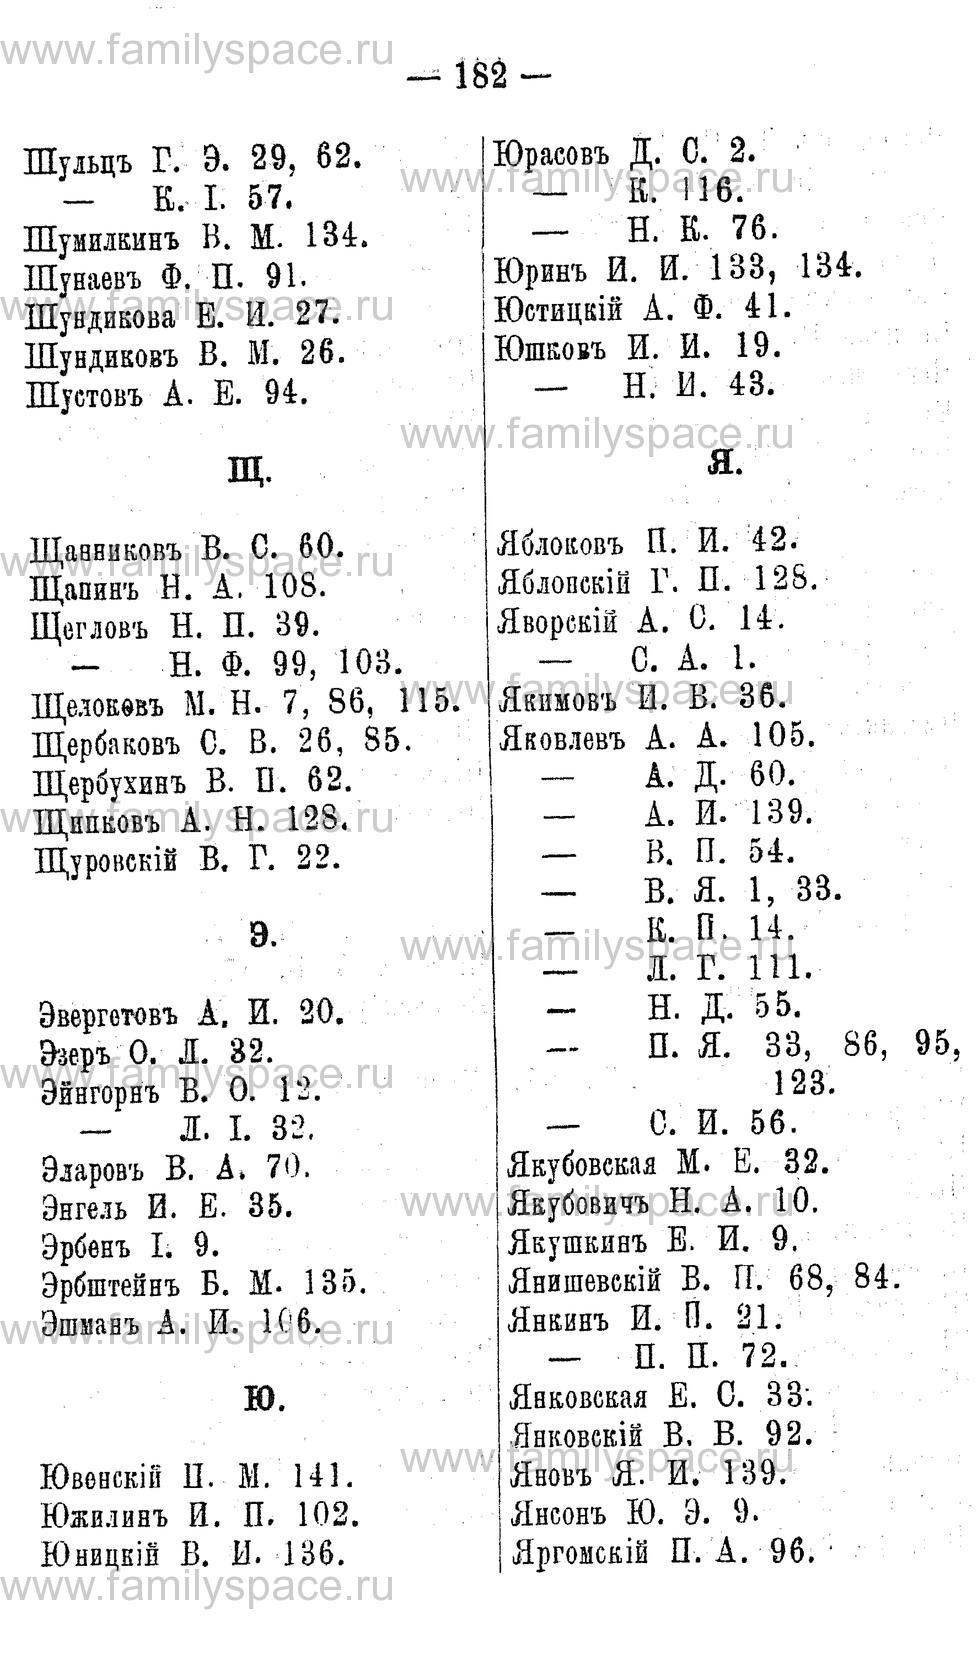 Поиск по фамилии - Адрес-календарь Нижегородской губернии на 1891 год, страница 182